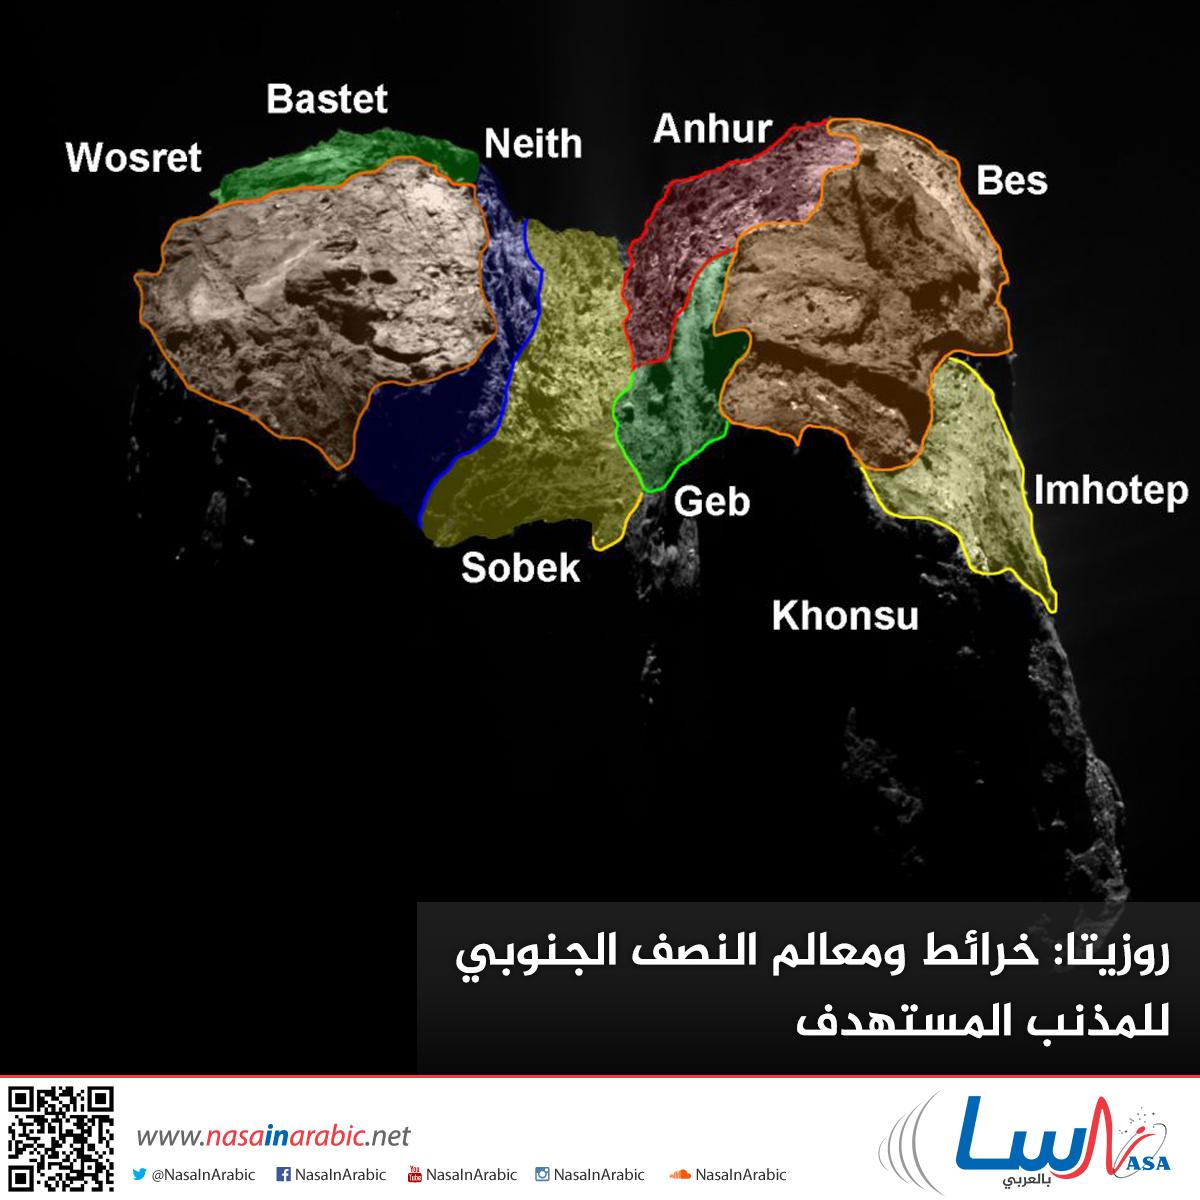 روزيتا: خرائط ومعالم النصف الجنوبي للمذنب المستهدف